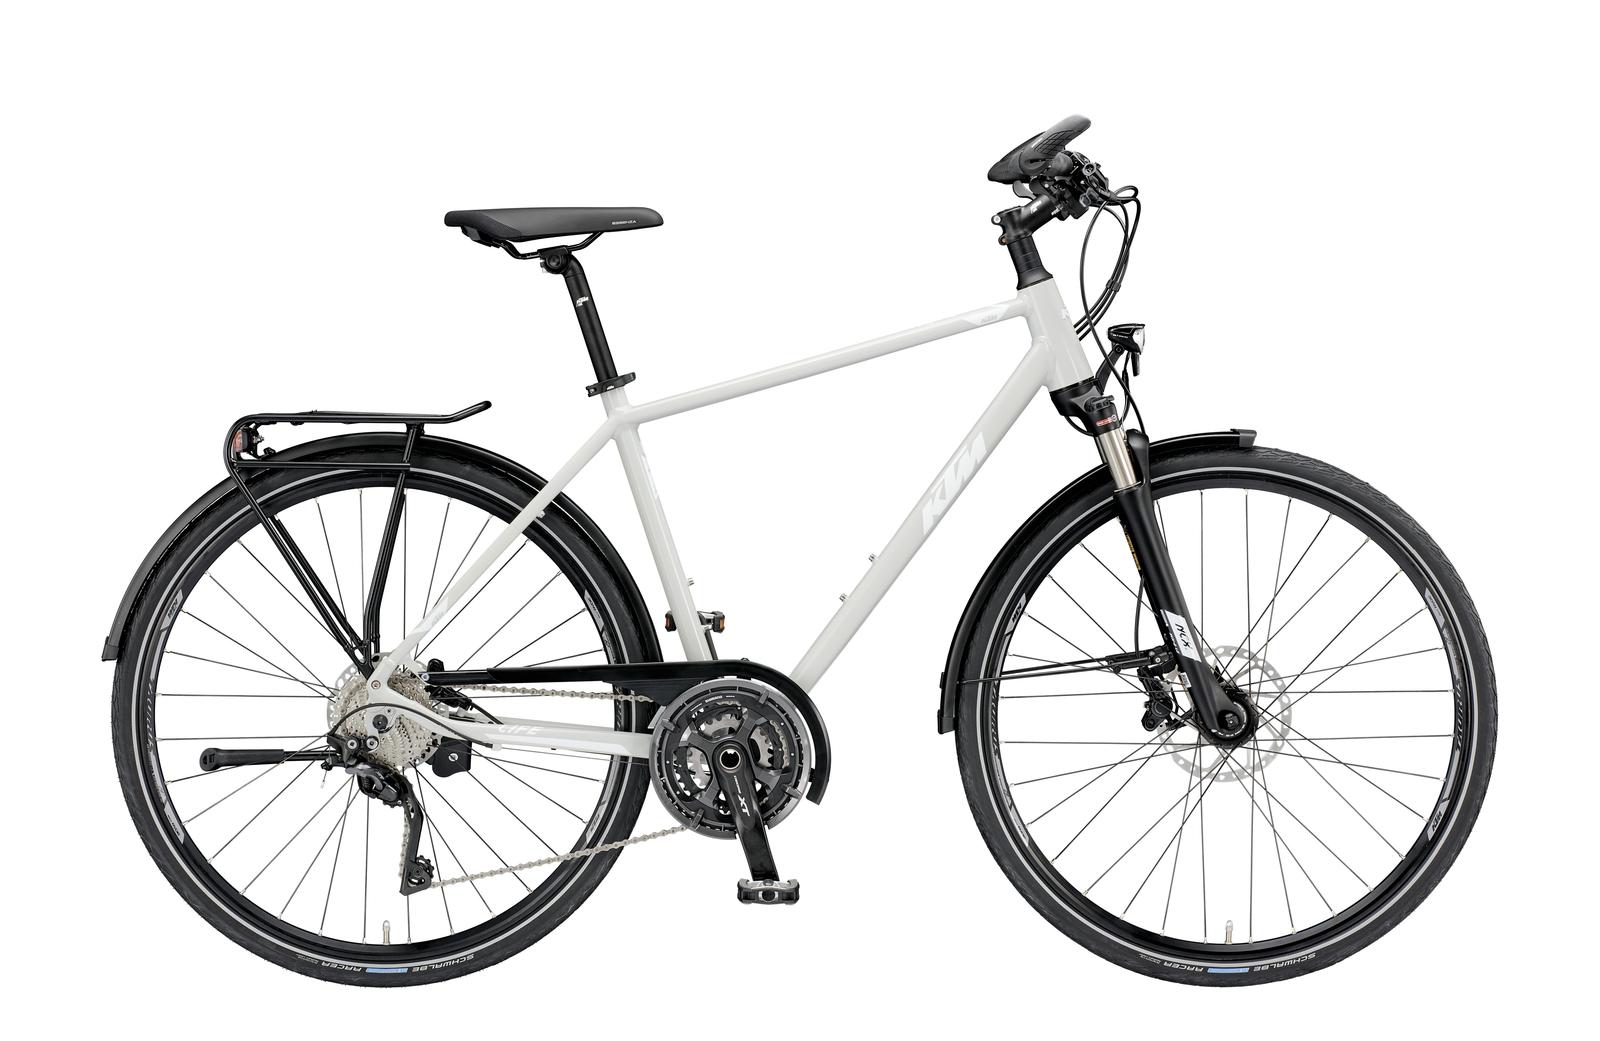 d38df91998cb KTM LIFE TOUR 2019 férfi Trekking Kerékpár   férfi   Kerépár Webshop   Akciós  kerékpárok